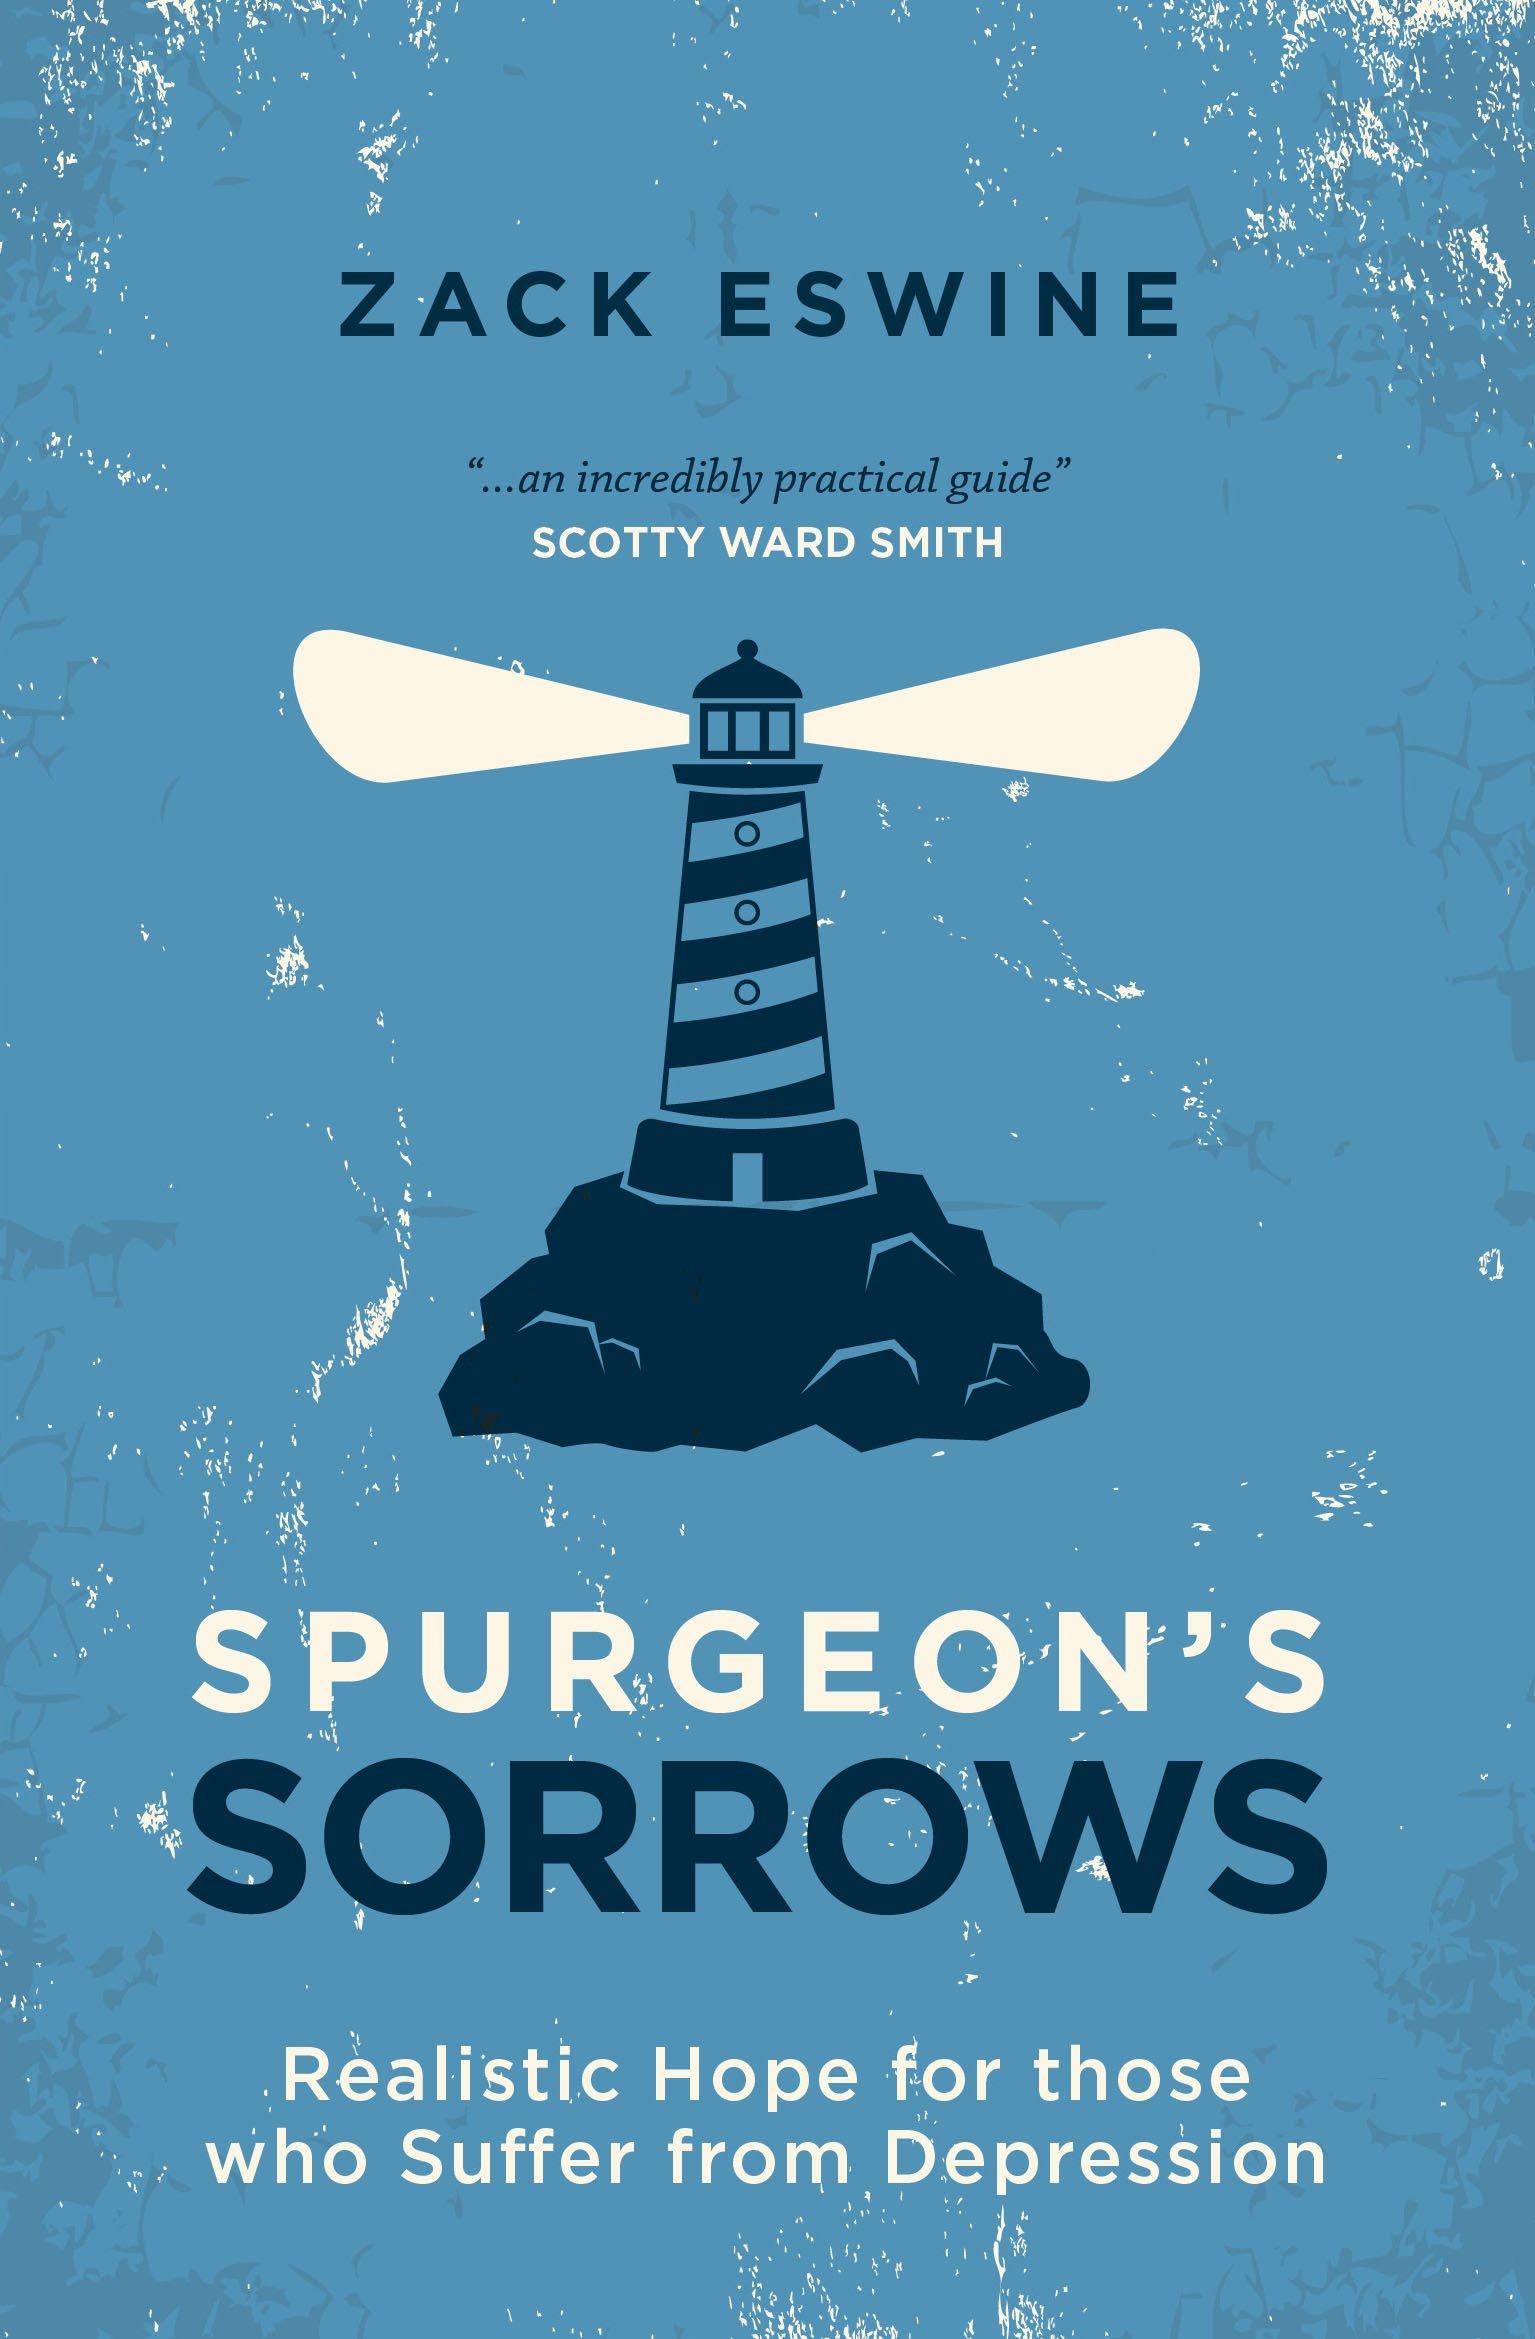 Spurgeon's Sorrows.jpg